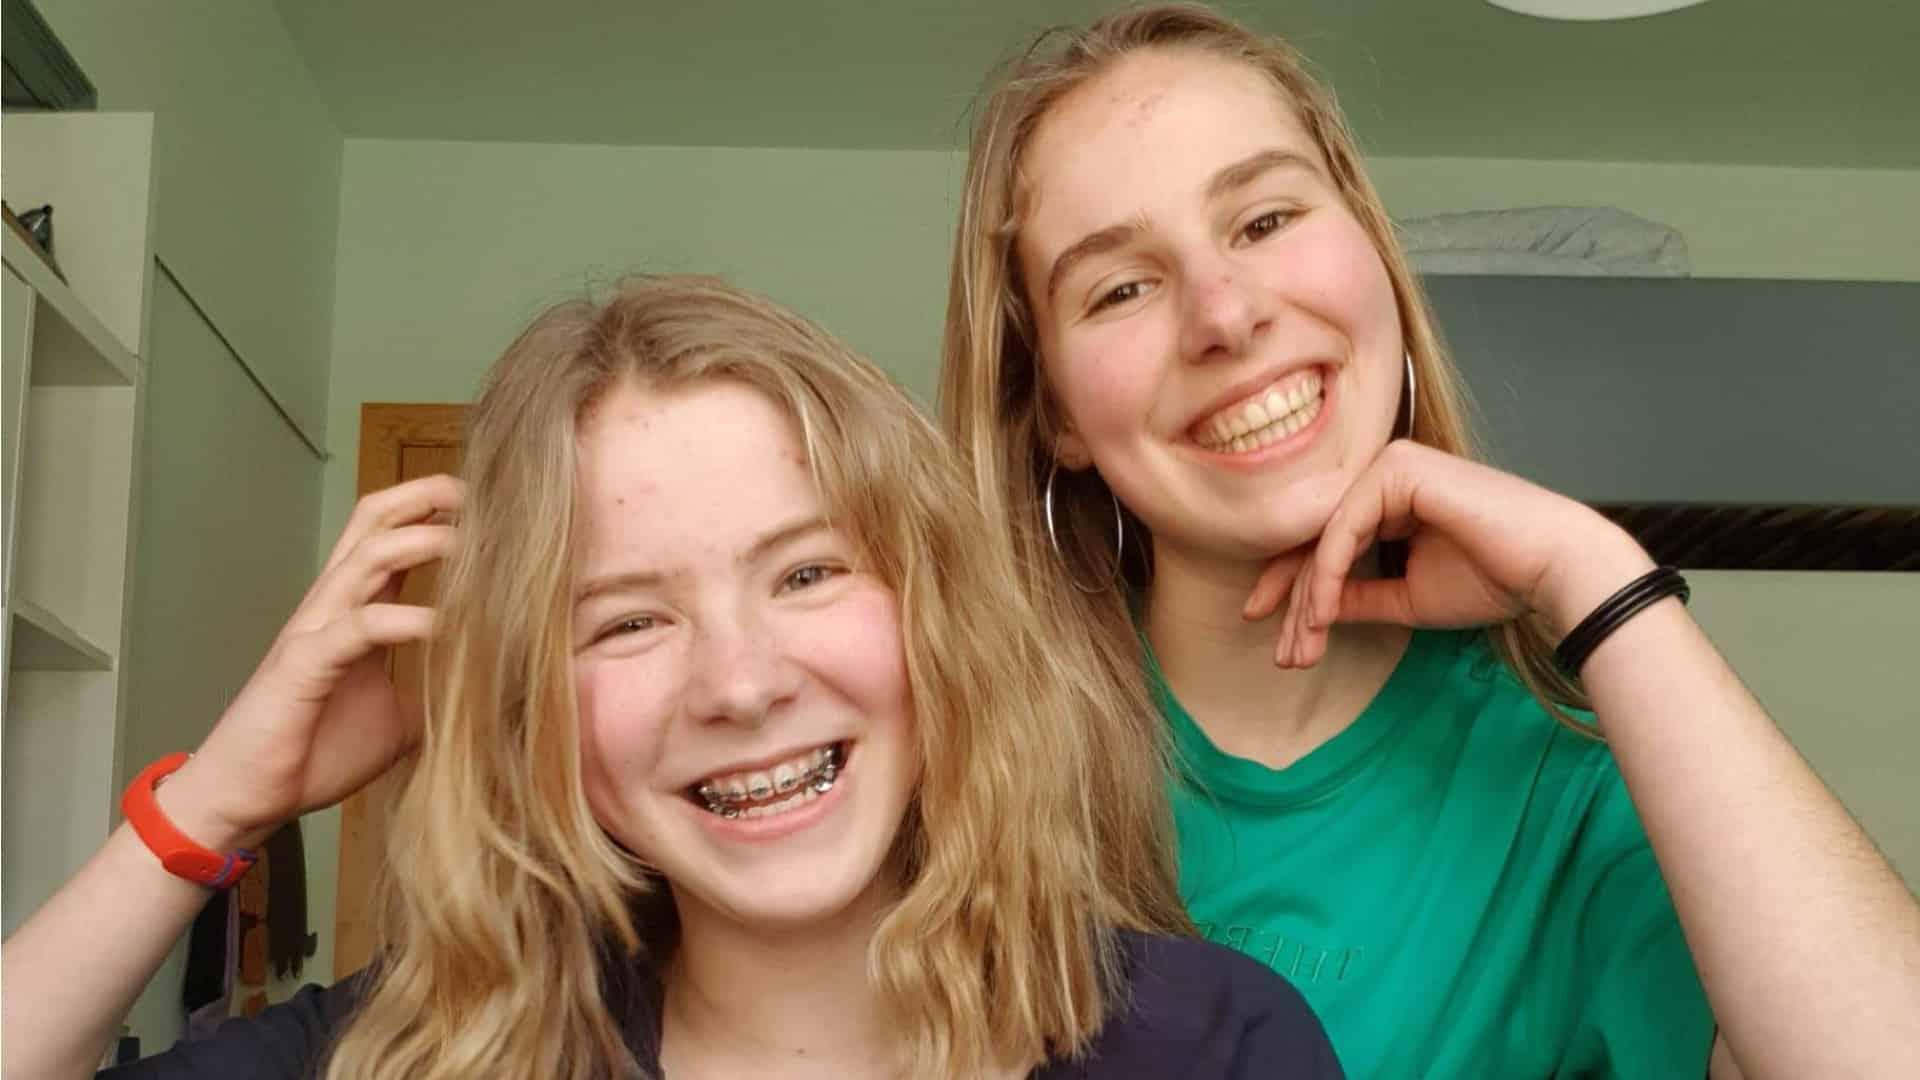 Tieners over vriendschap tijdens de coronacris: 'Zo'n videochat mist gezelligheid'